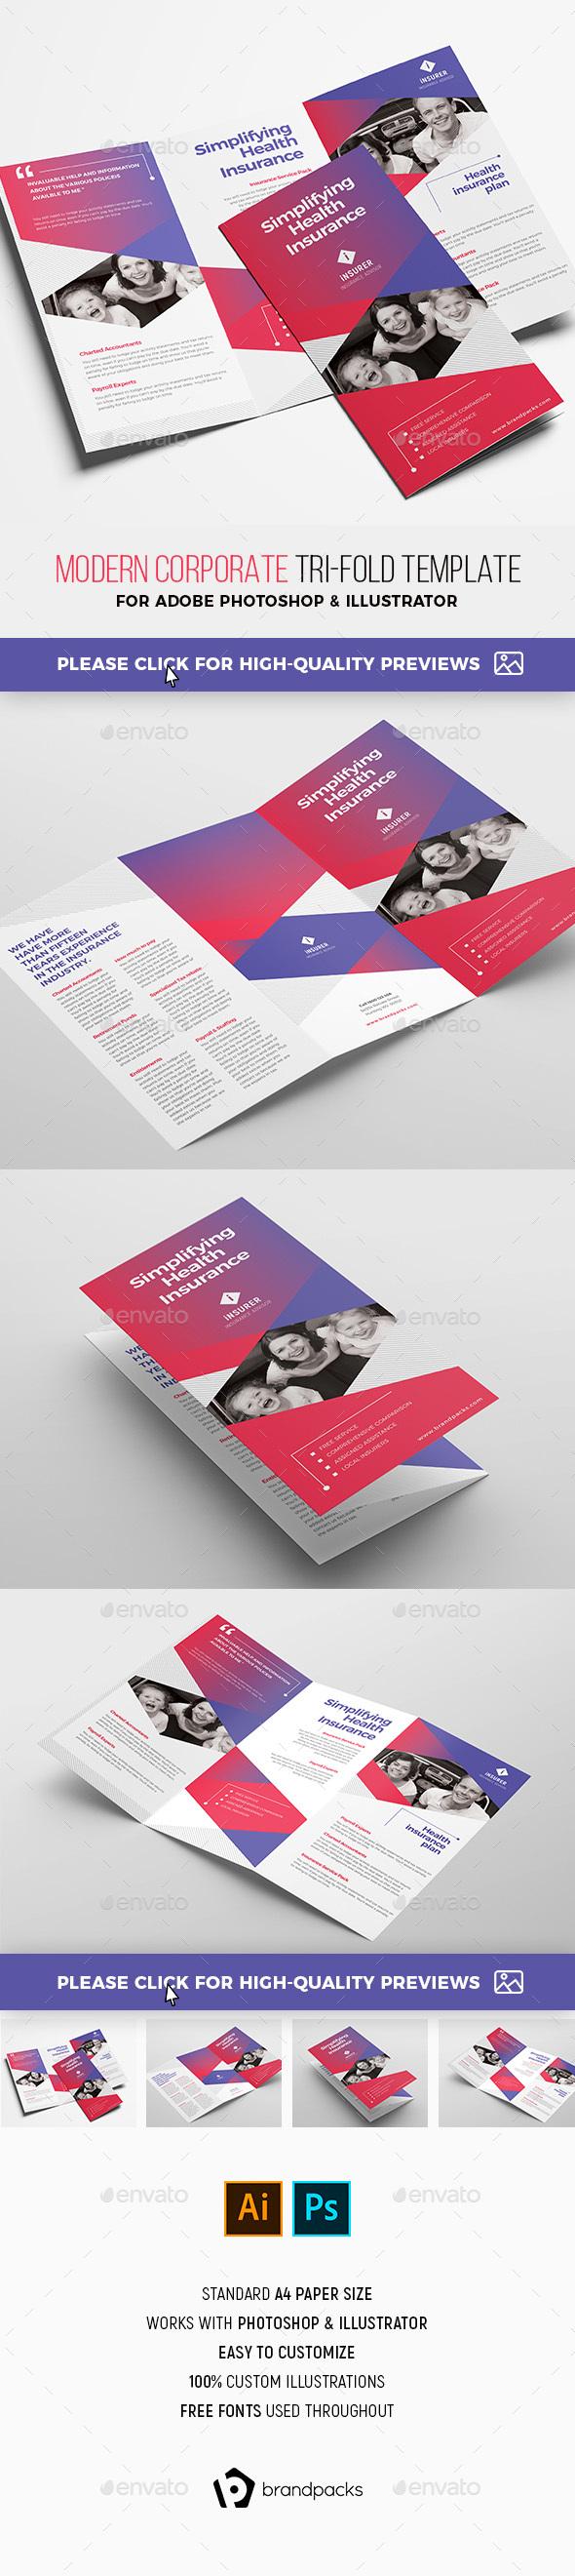 Modern Corporate Tri-Fold Brochure Template - Corporate Brochures